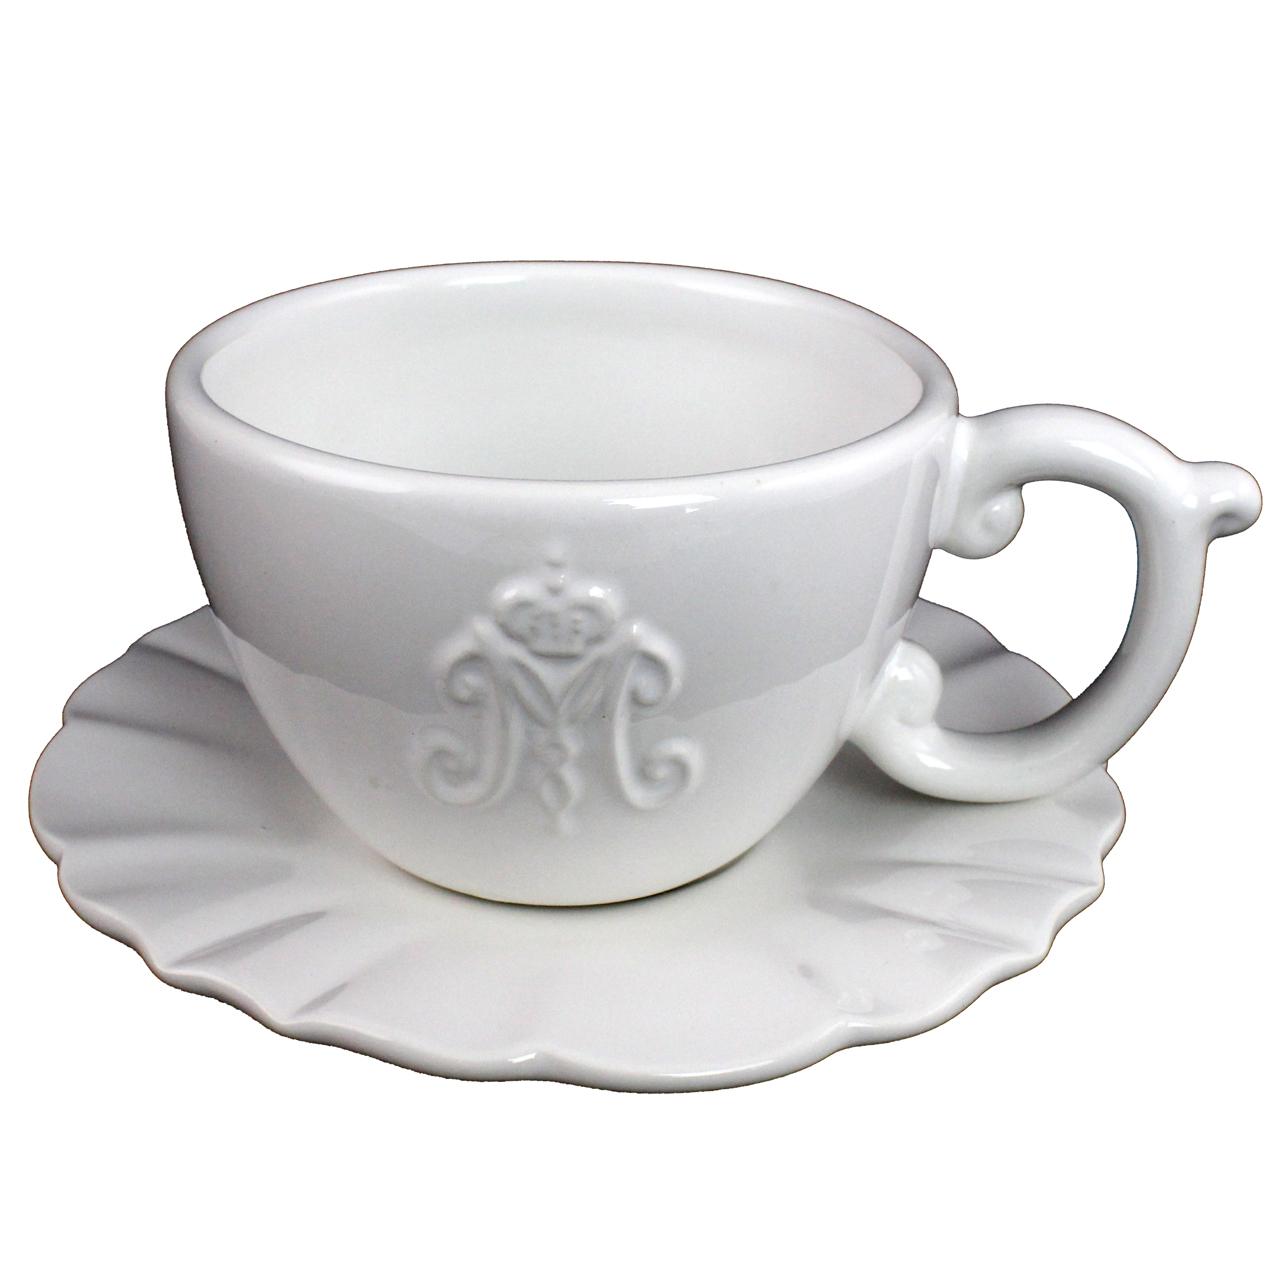 Ceasca Cu Farfurie Din Ceramica Alba